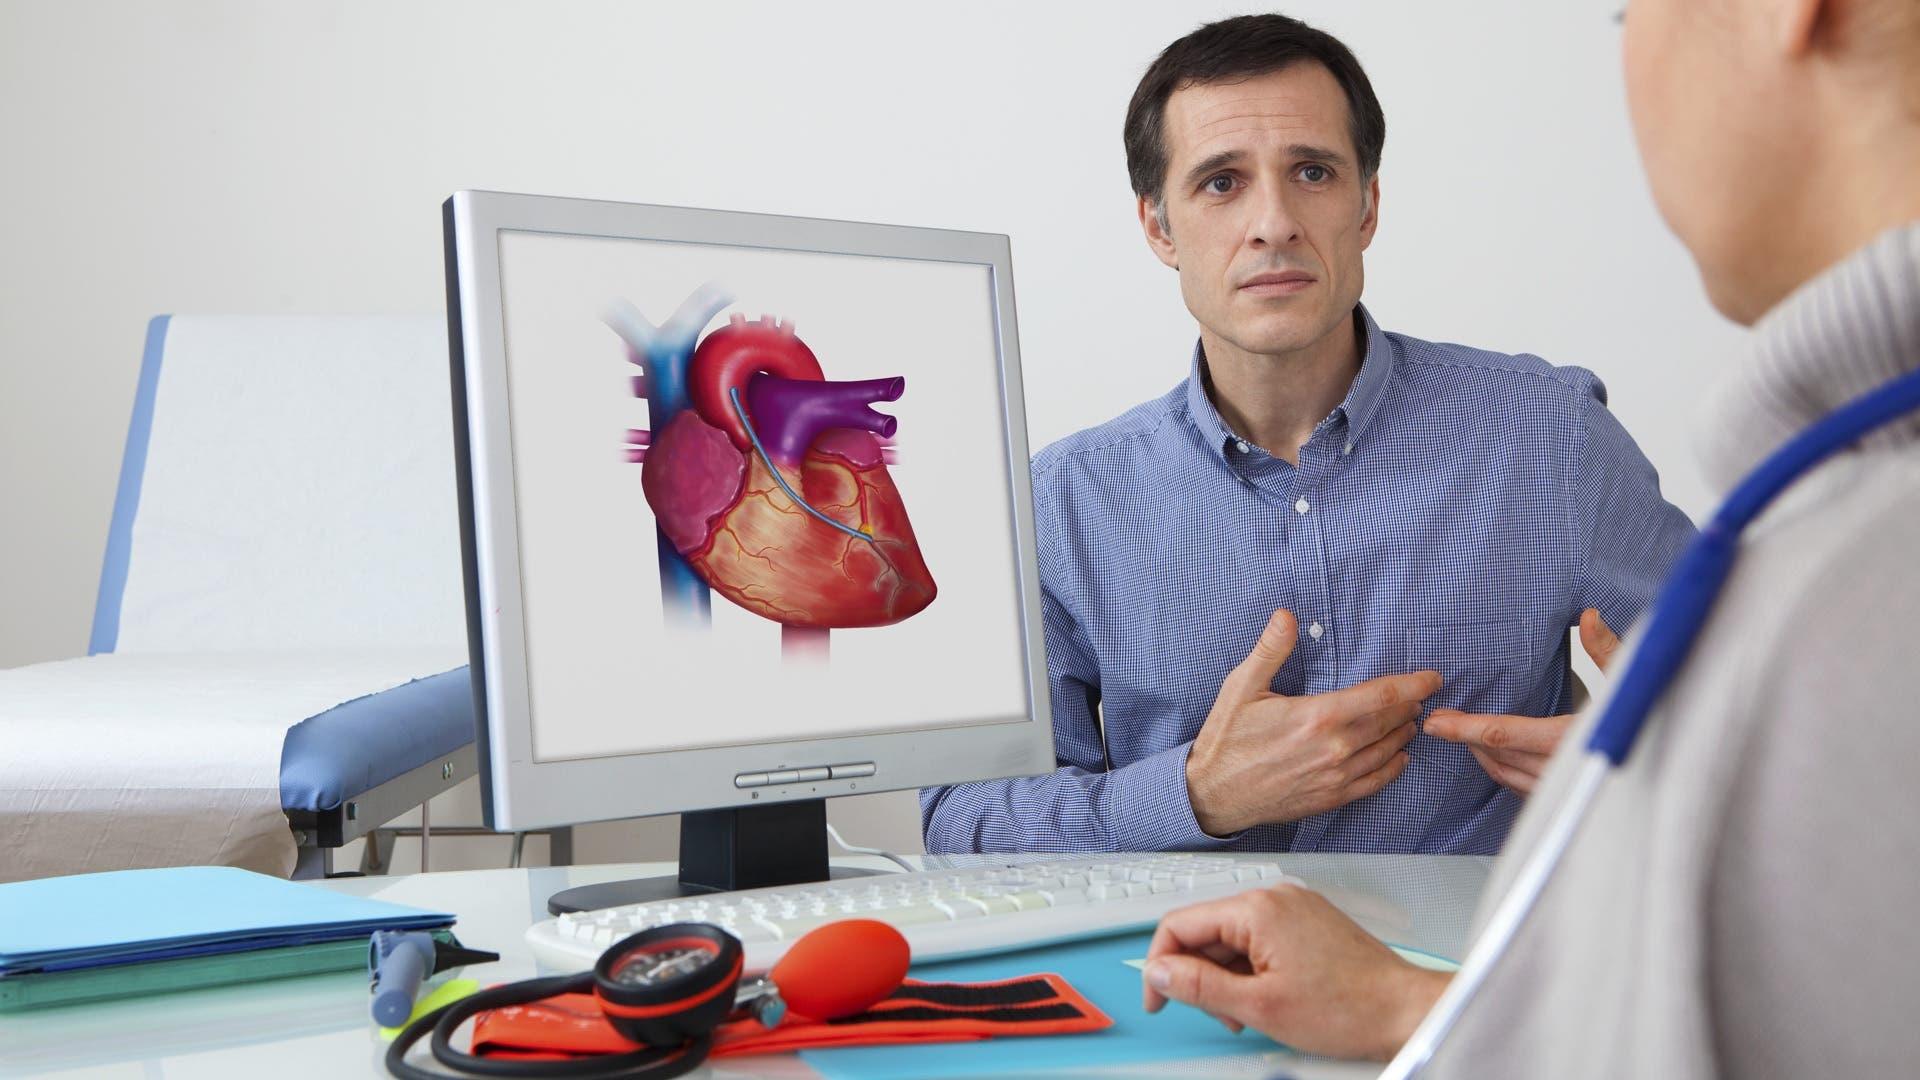 Estudio adelanta beneficios de sustancia en problemas cardiovasculares